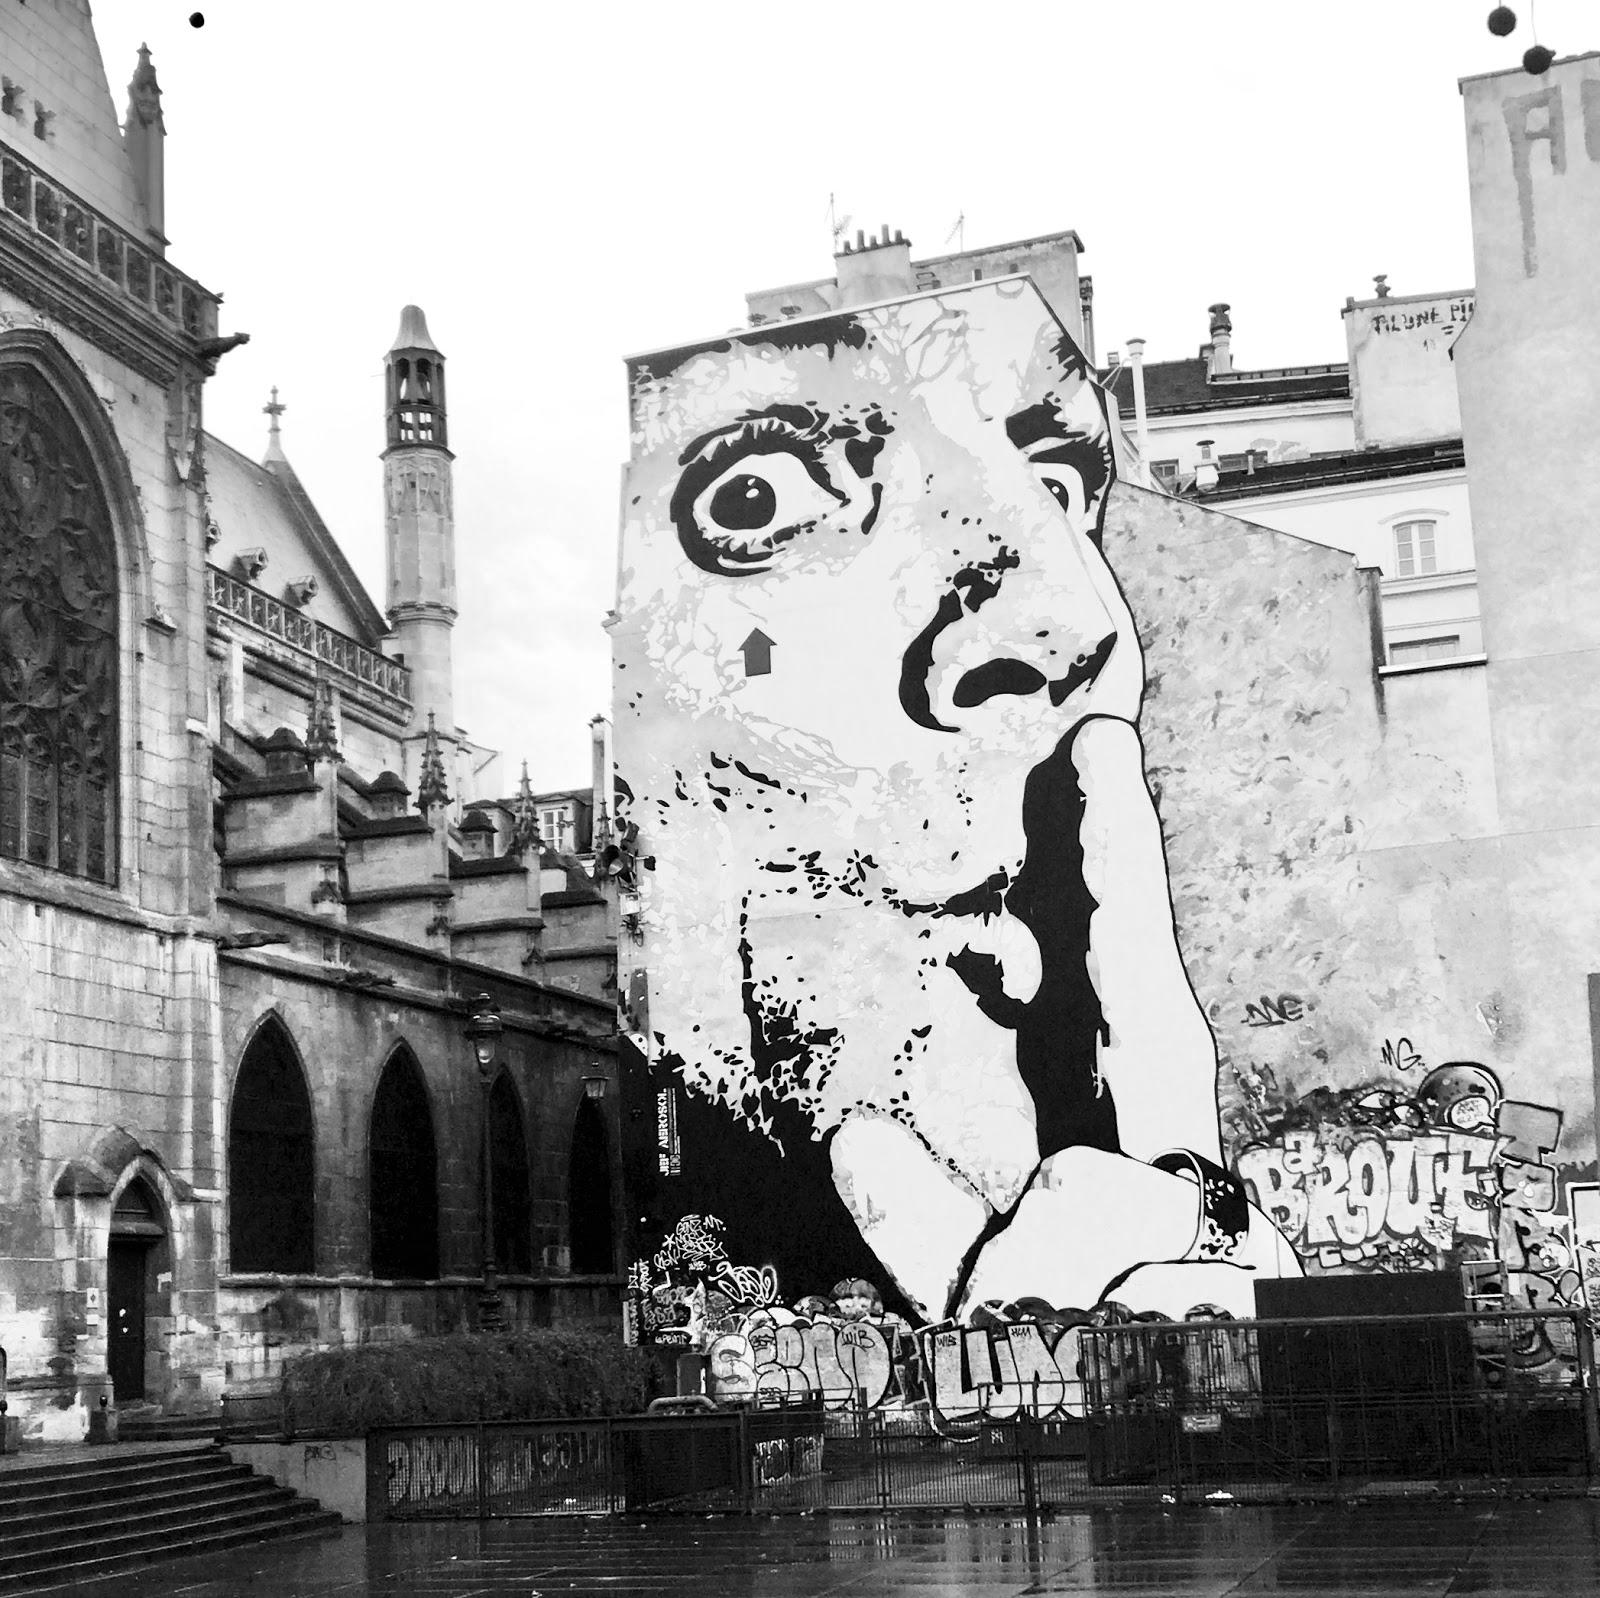 photo place à paris street art